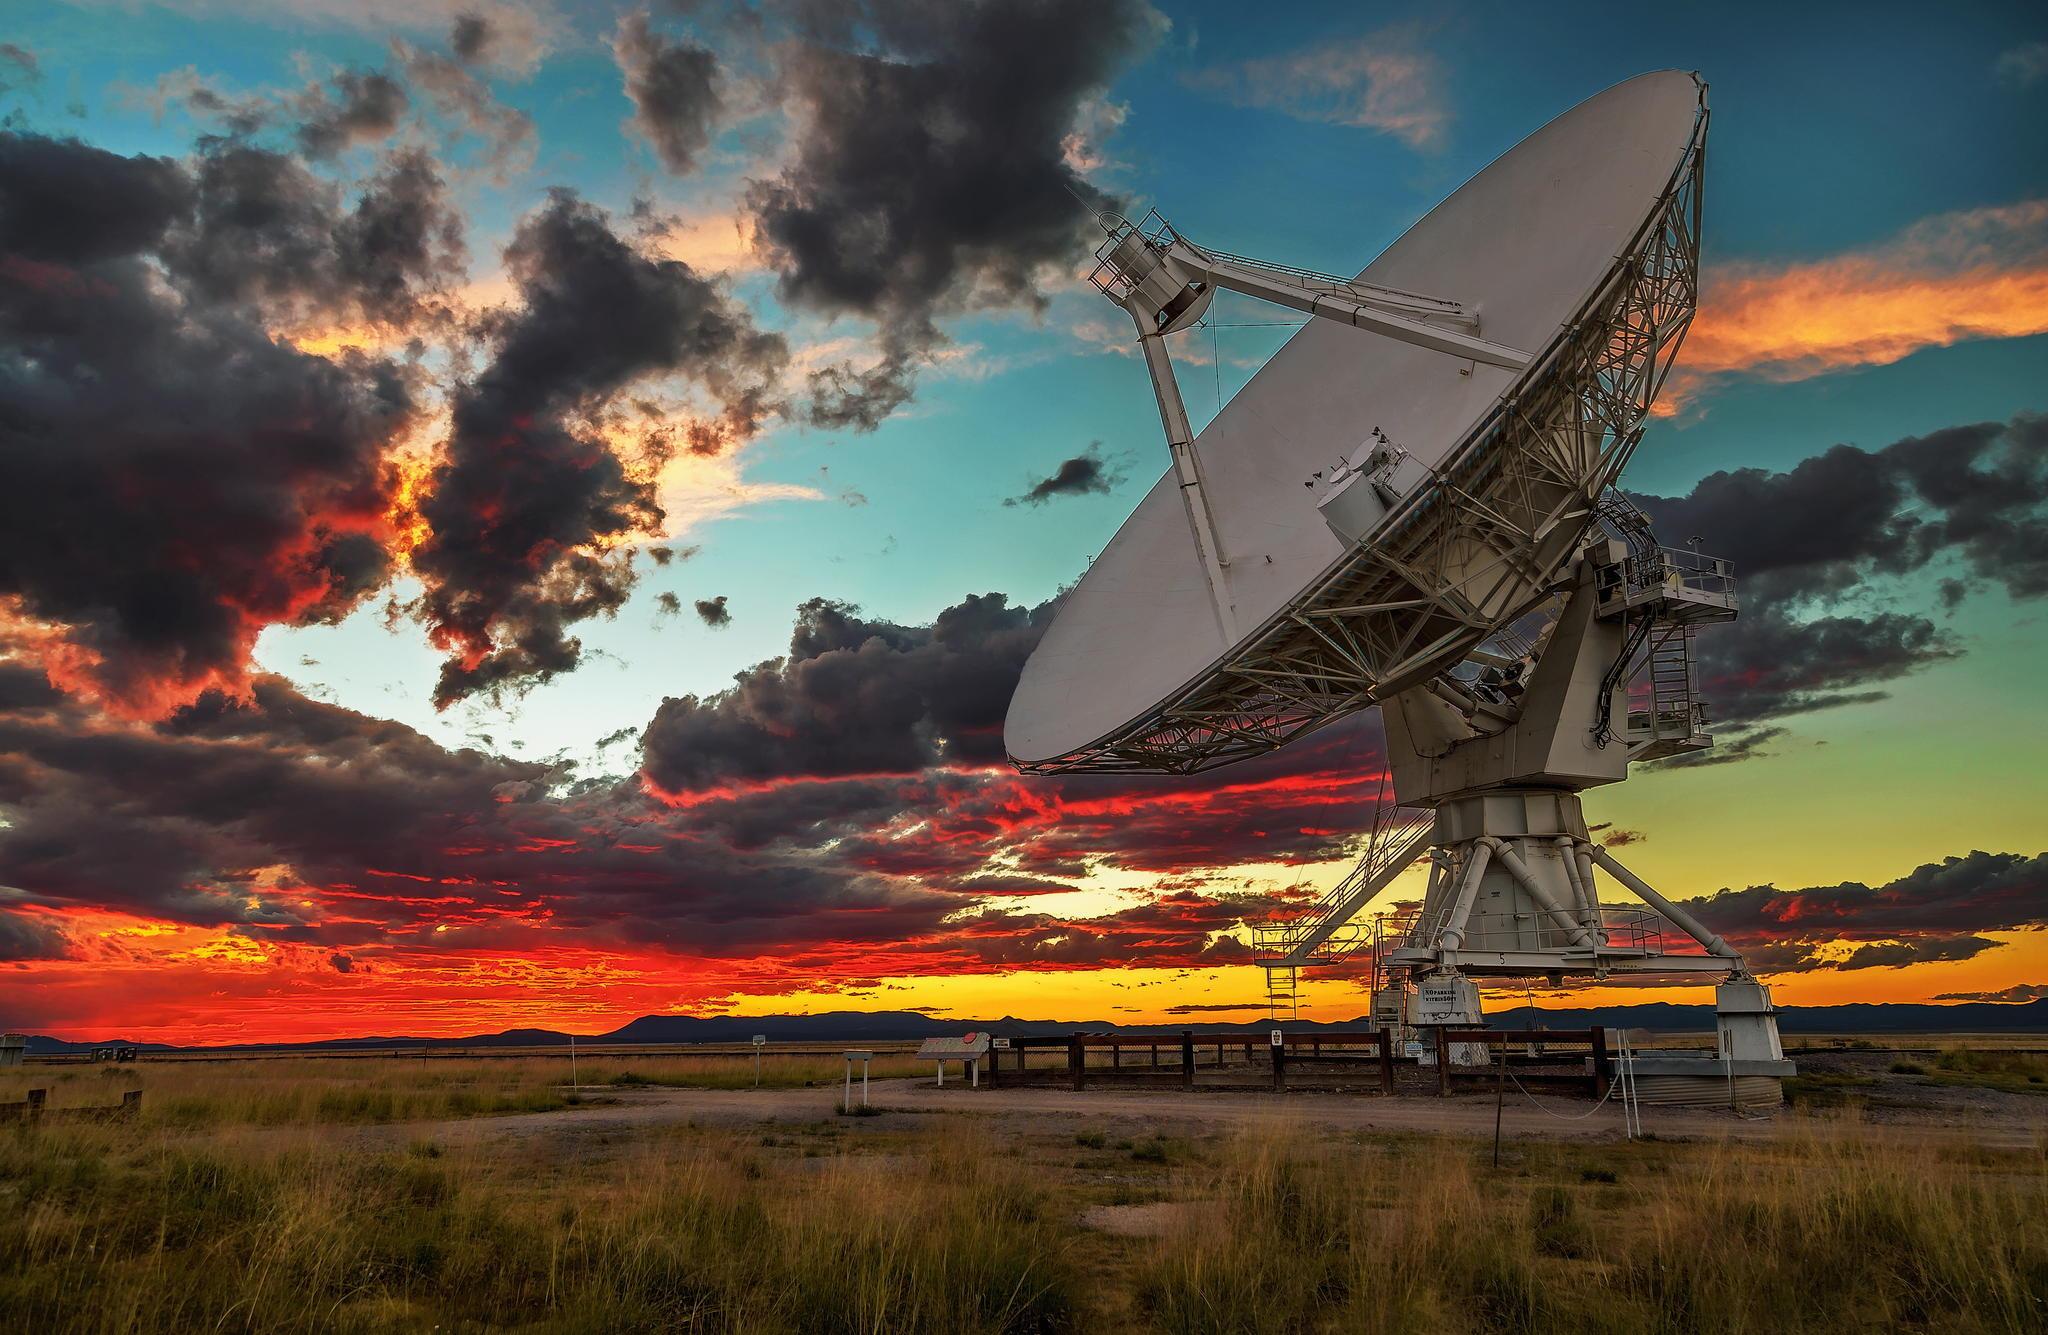 любом картинка в радиотелескопе картинок для признания